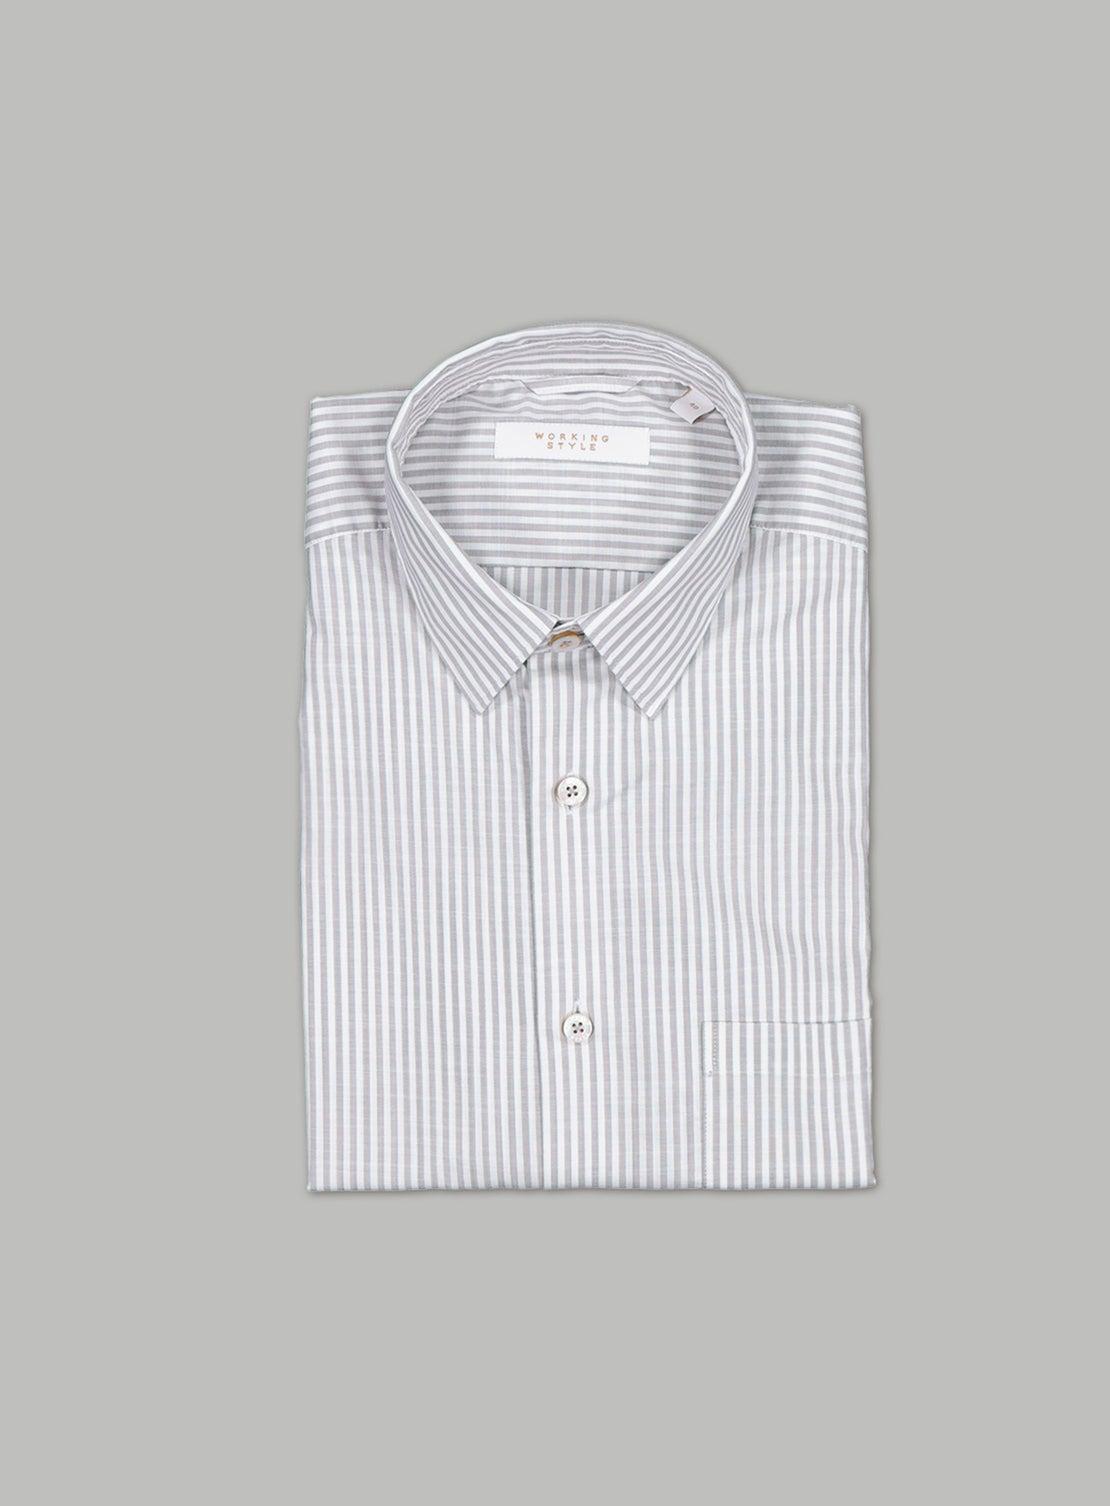 Pewter & White Bengal Stripe Shirt